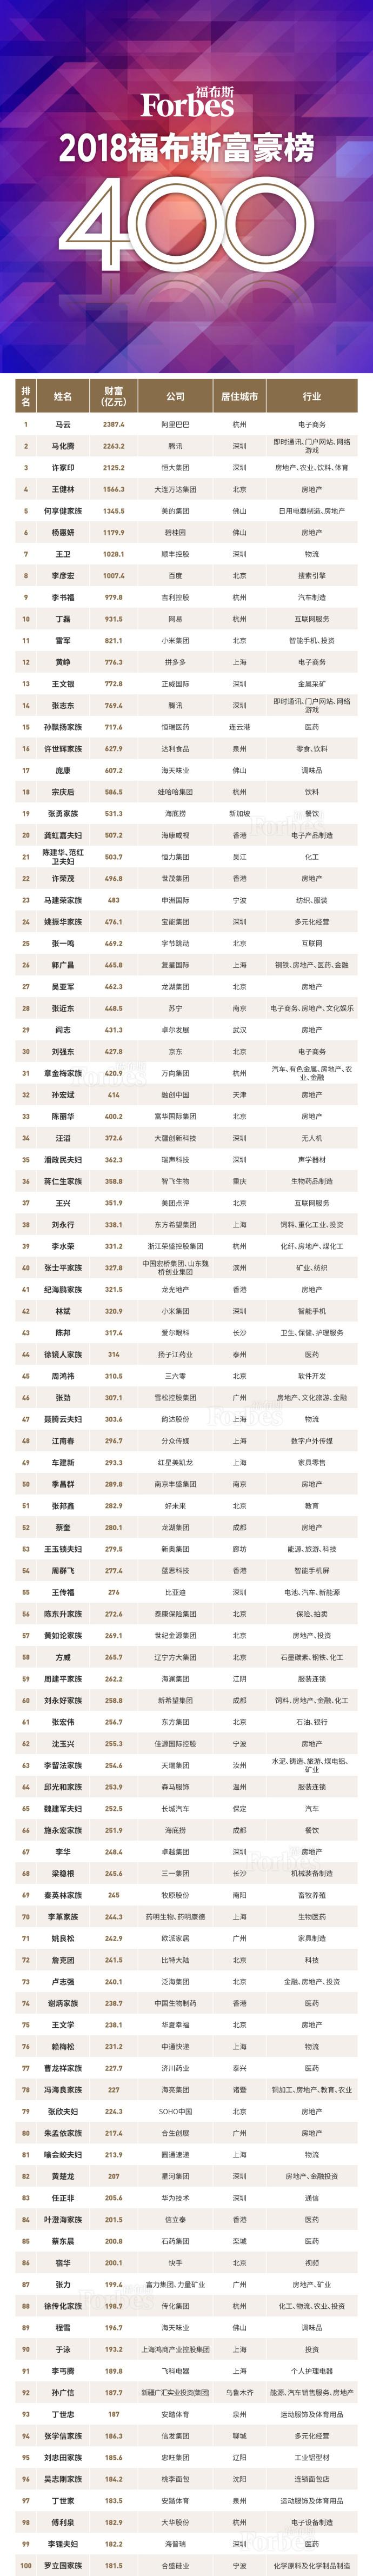 福布斯中国400富豪榜 马云归榜首5位服装行业富豪上榜前100